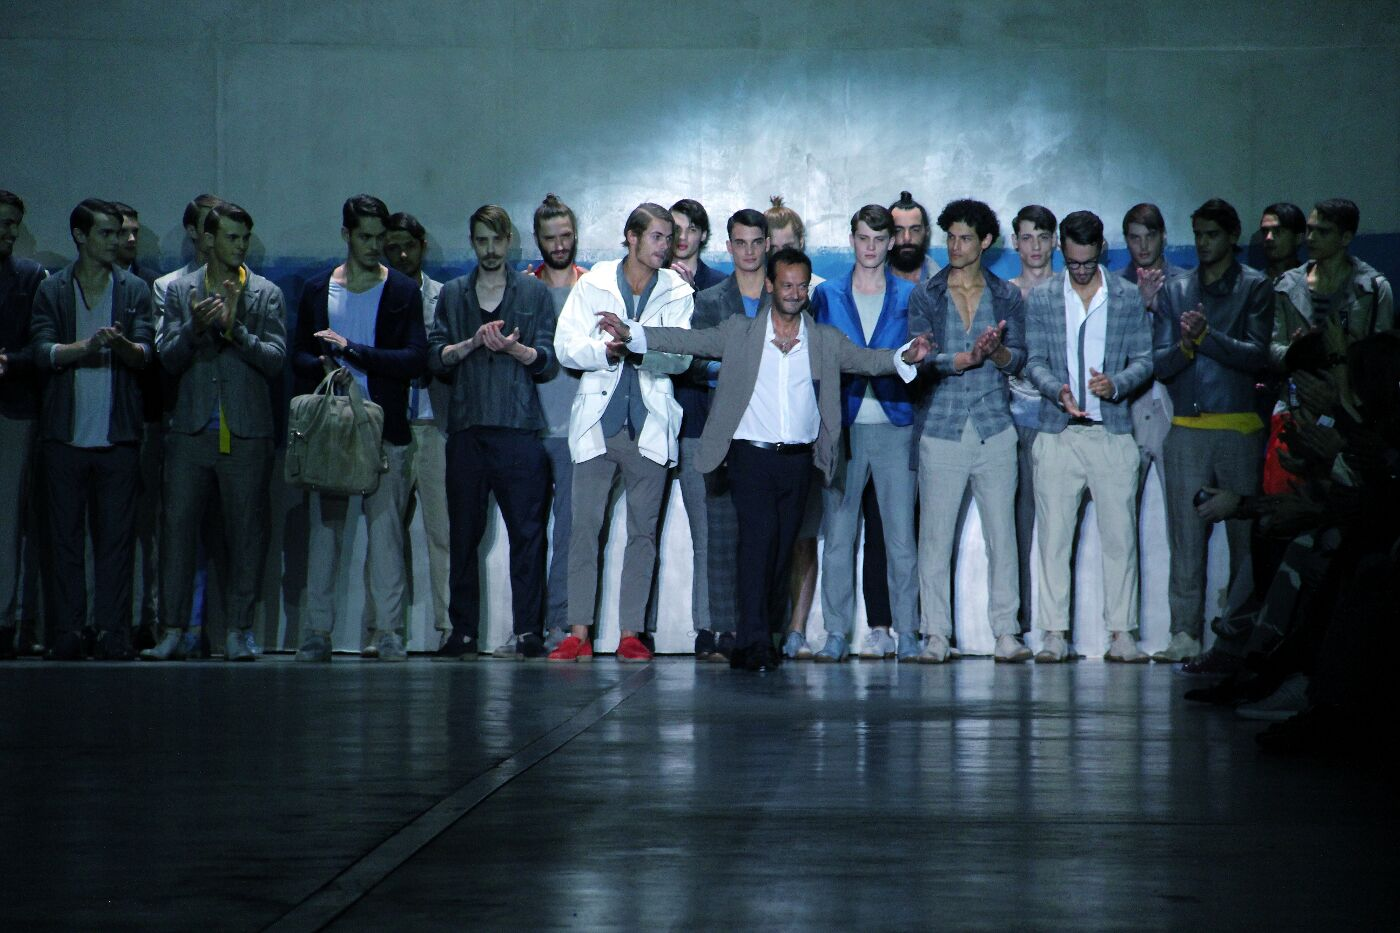 iceberg-spring-summer-2012-men-collection-milano-fashion-week-2012-iceberg-primavera-estate-catwalk-2012